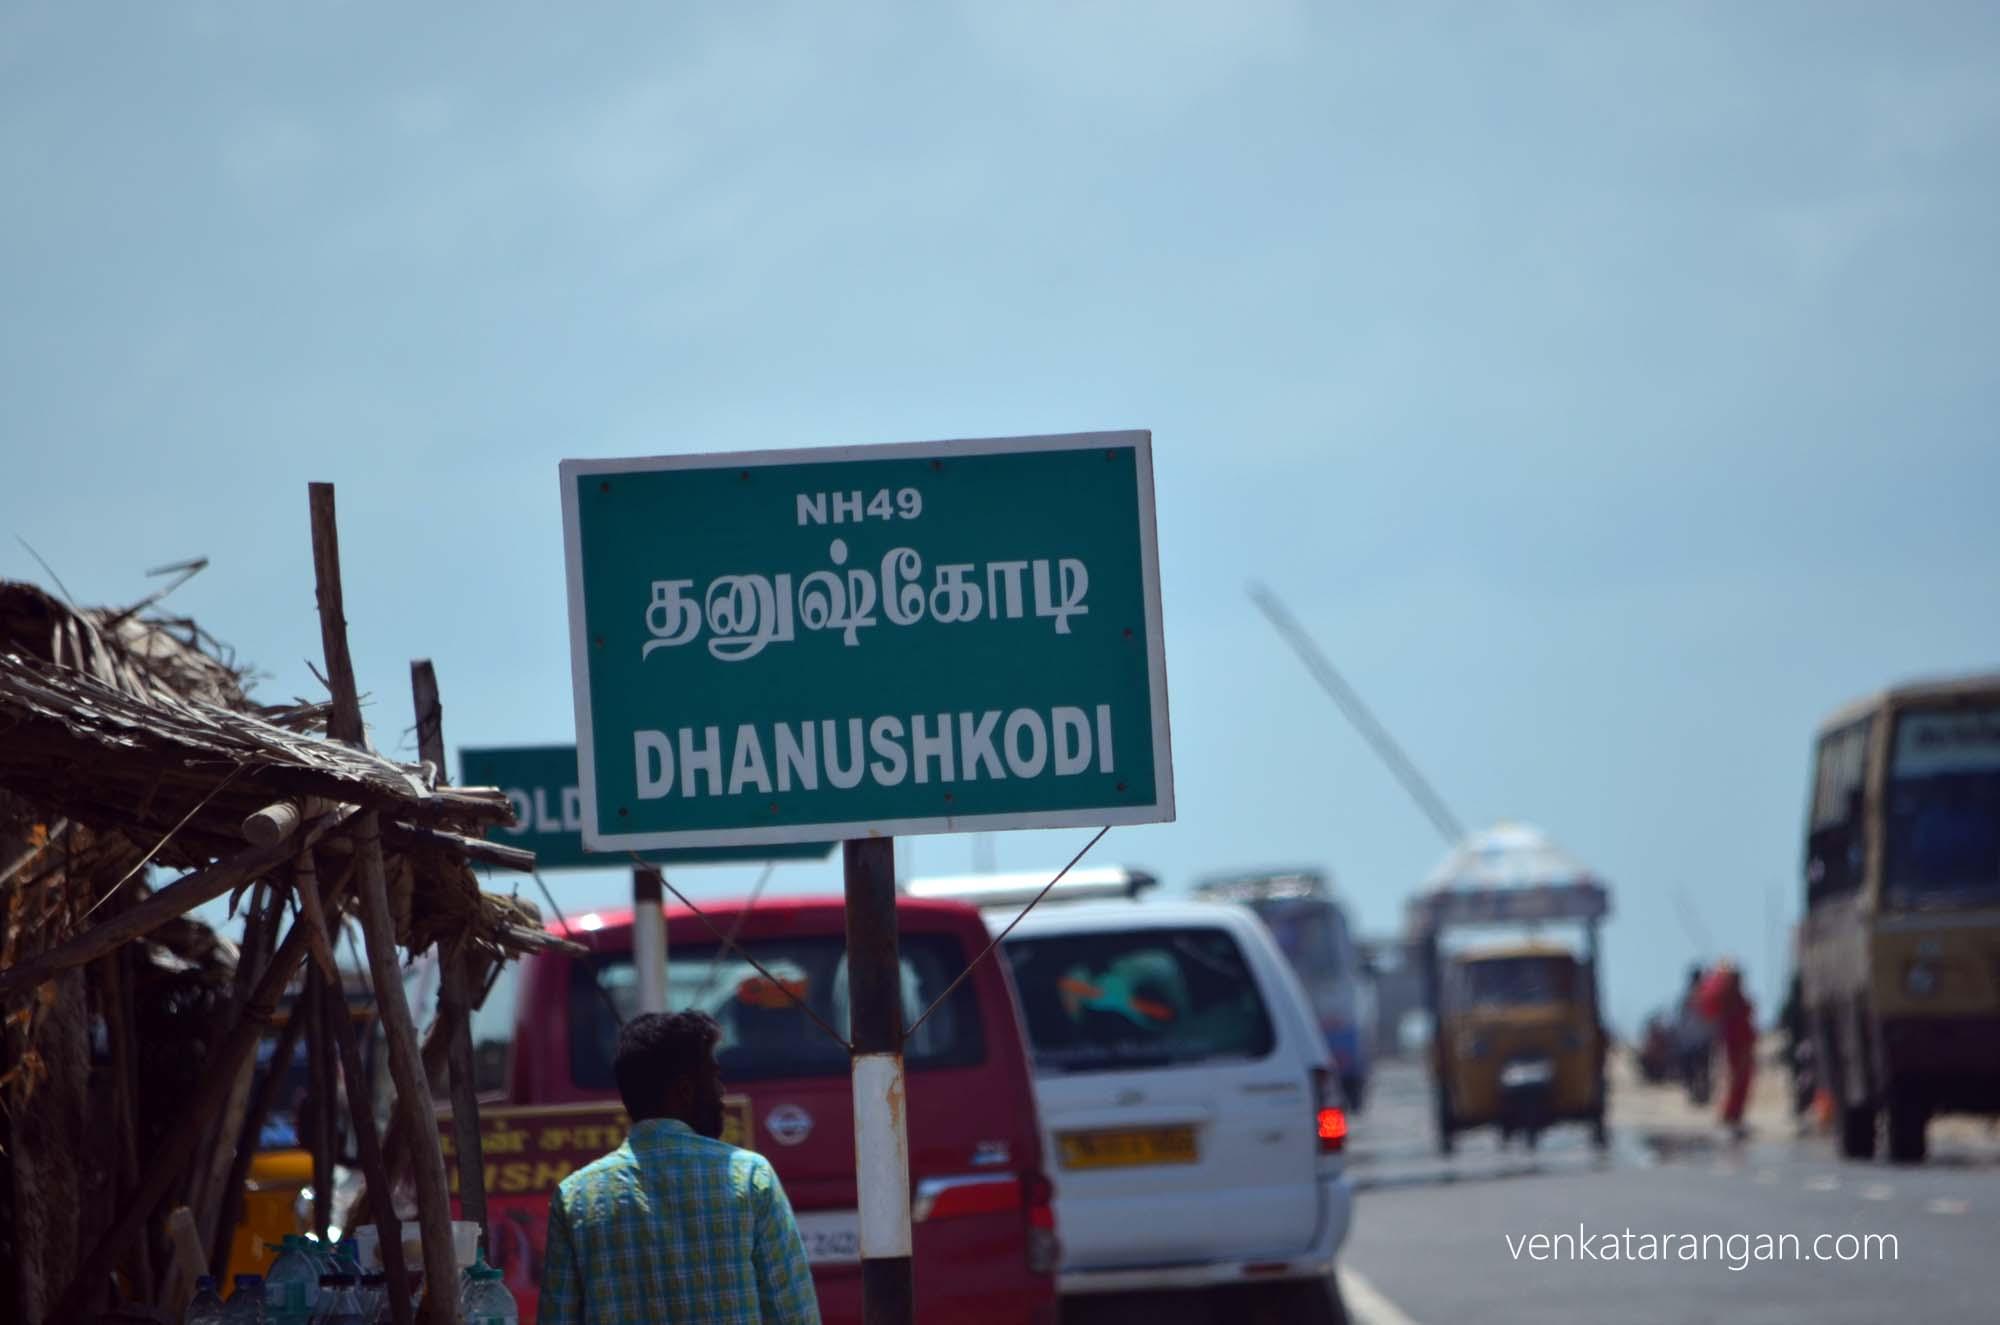 Dhanushkodi (தனுஷ்கோடி) town - National Highway 49